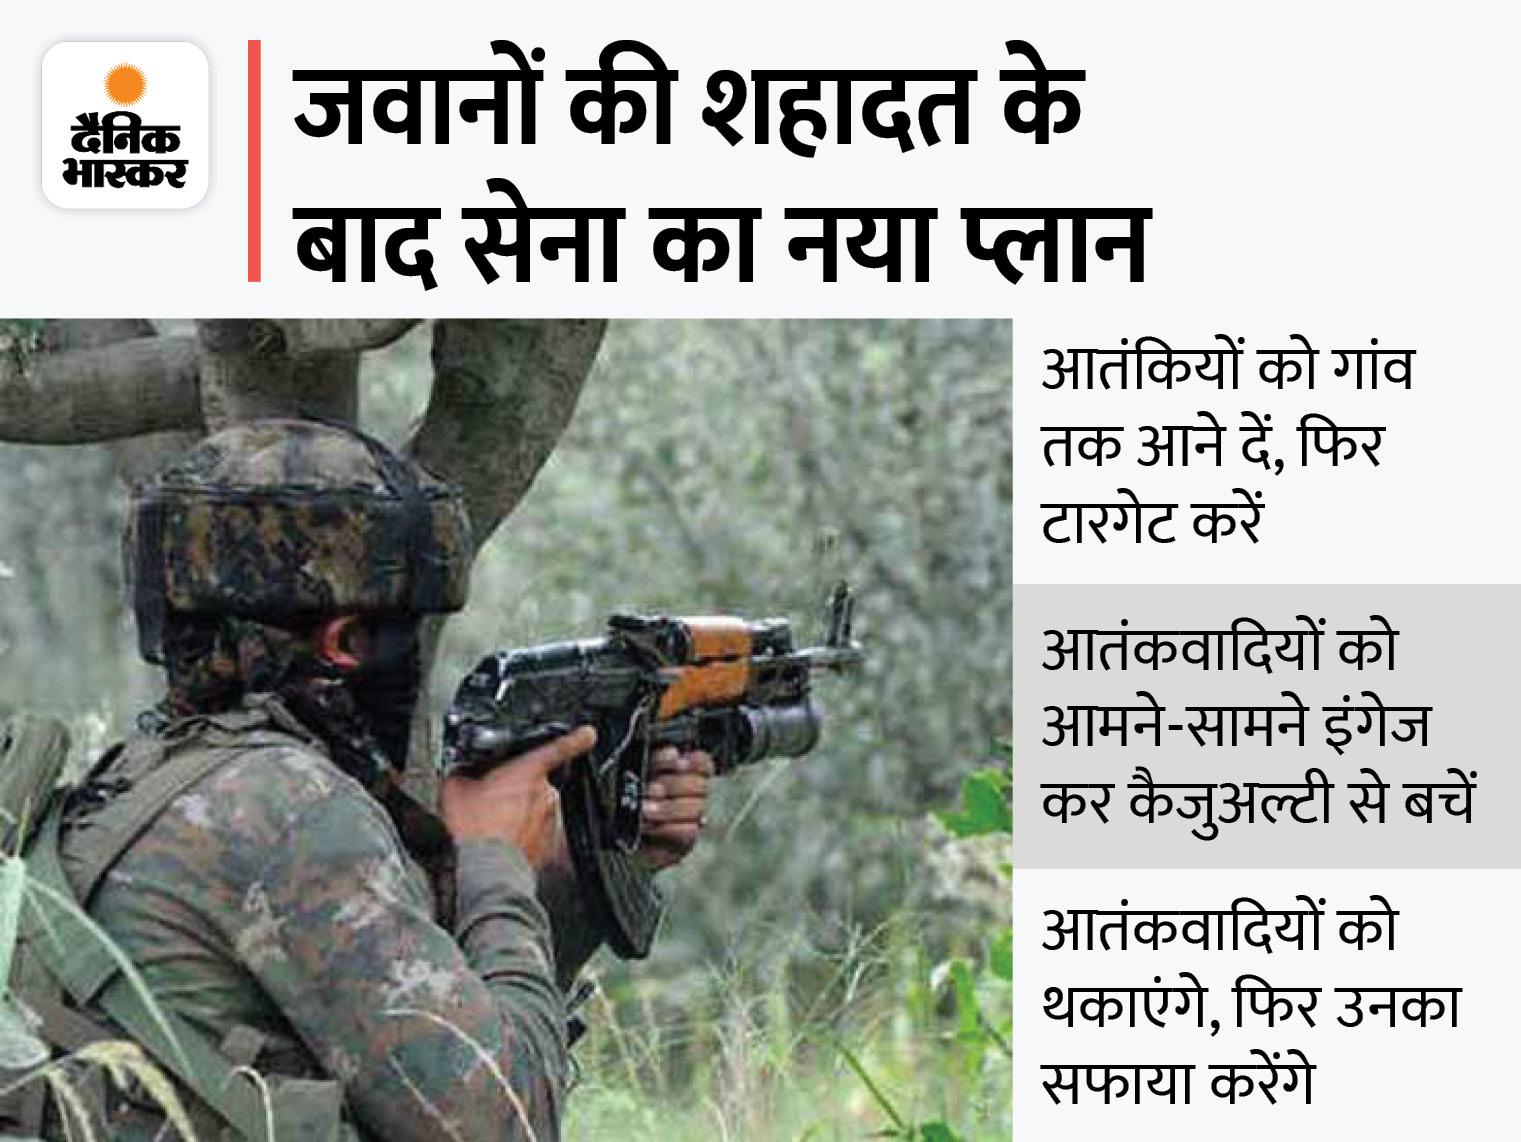 आतंकियों के लिए सेना की नई रणनीति- इंतजार करो और मौका मिलते ही मारो, अब तक 6 आतंकी ढेर|देश,National - Dainik Bhaskar